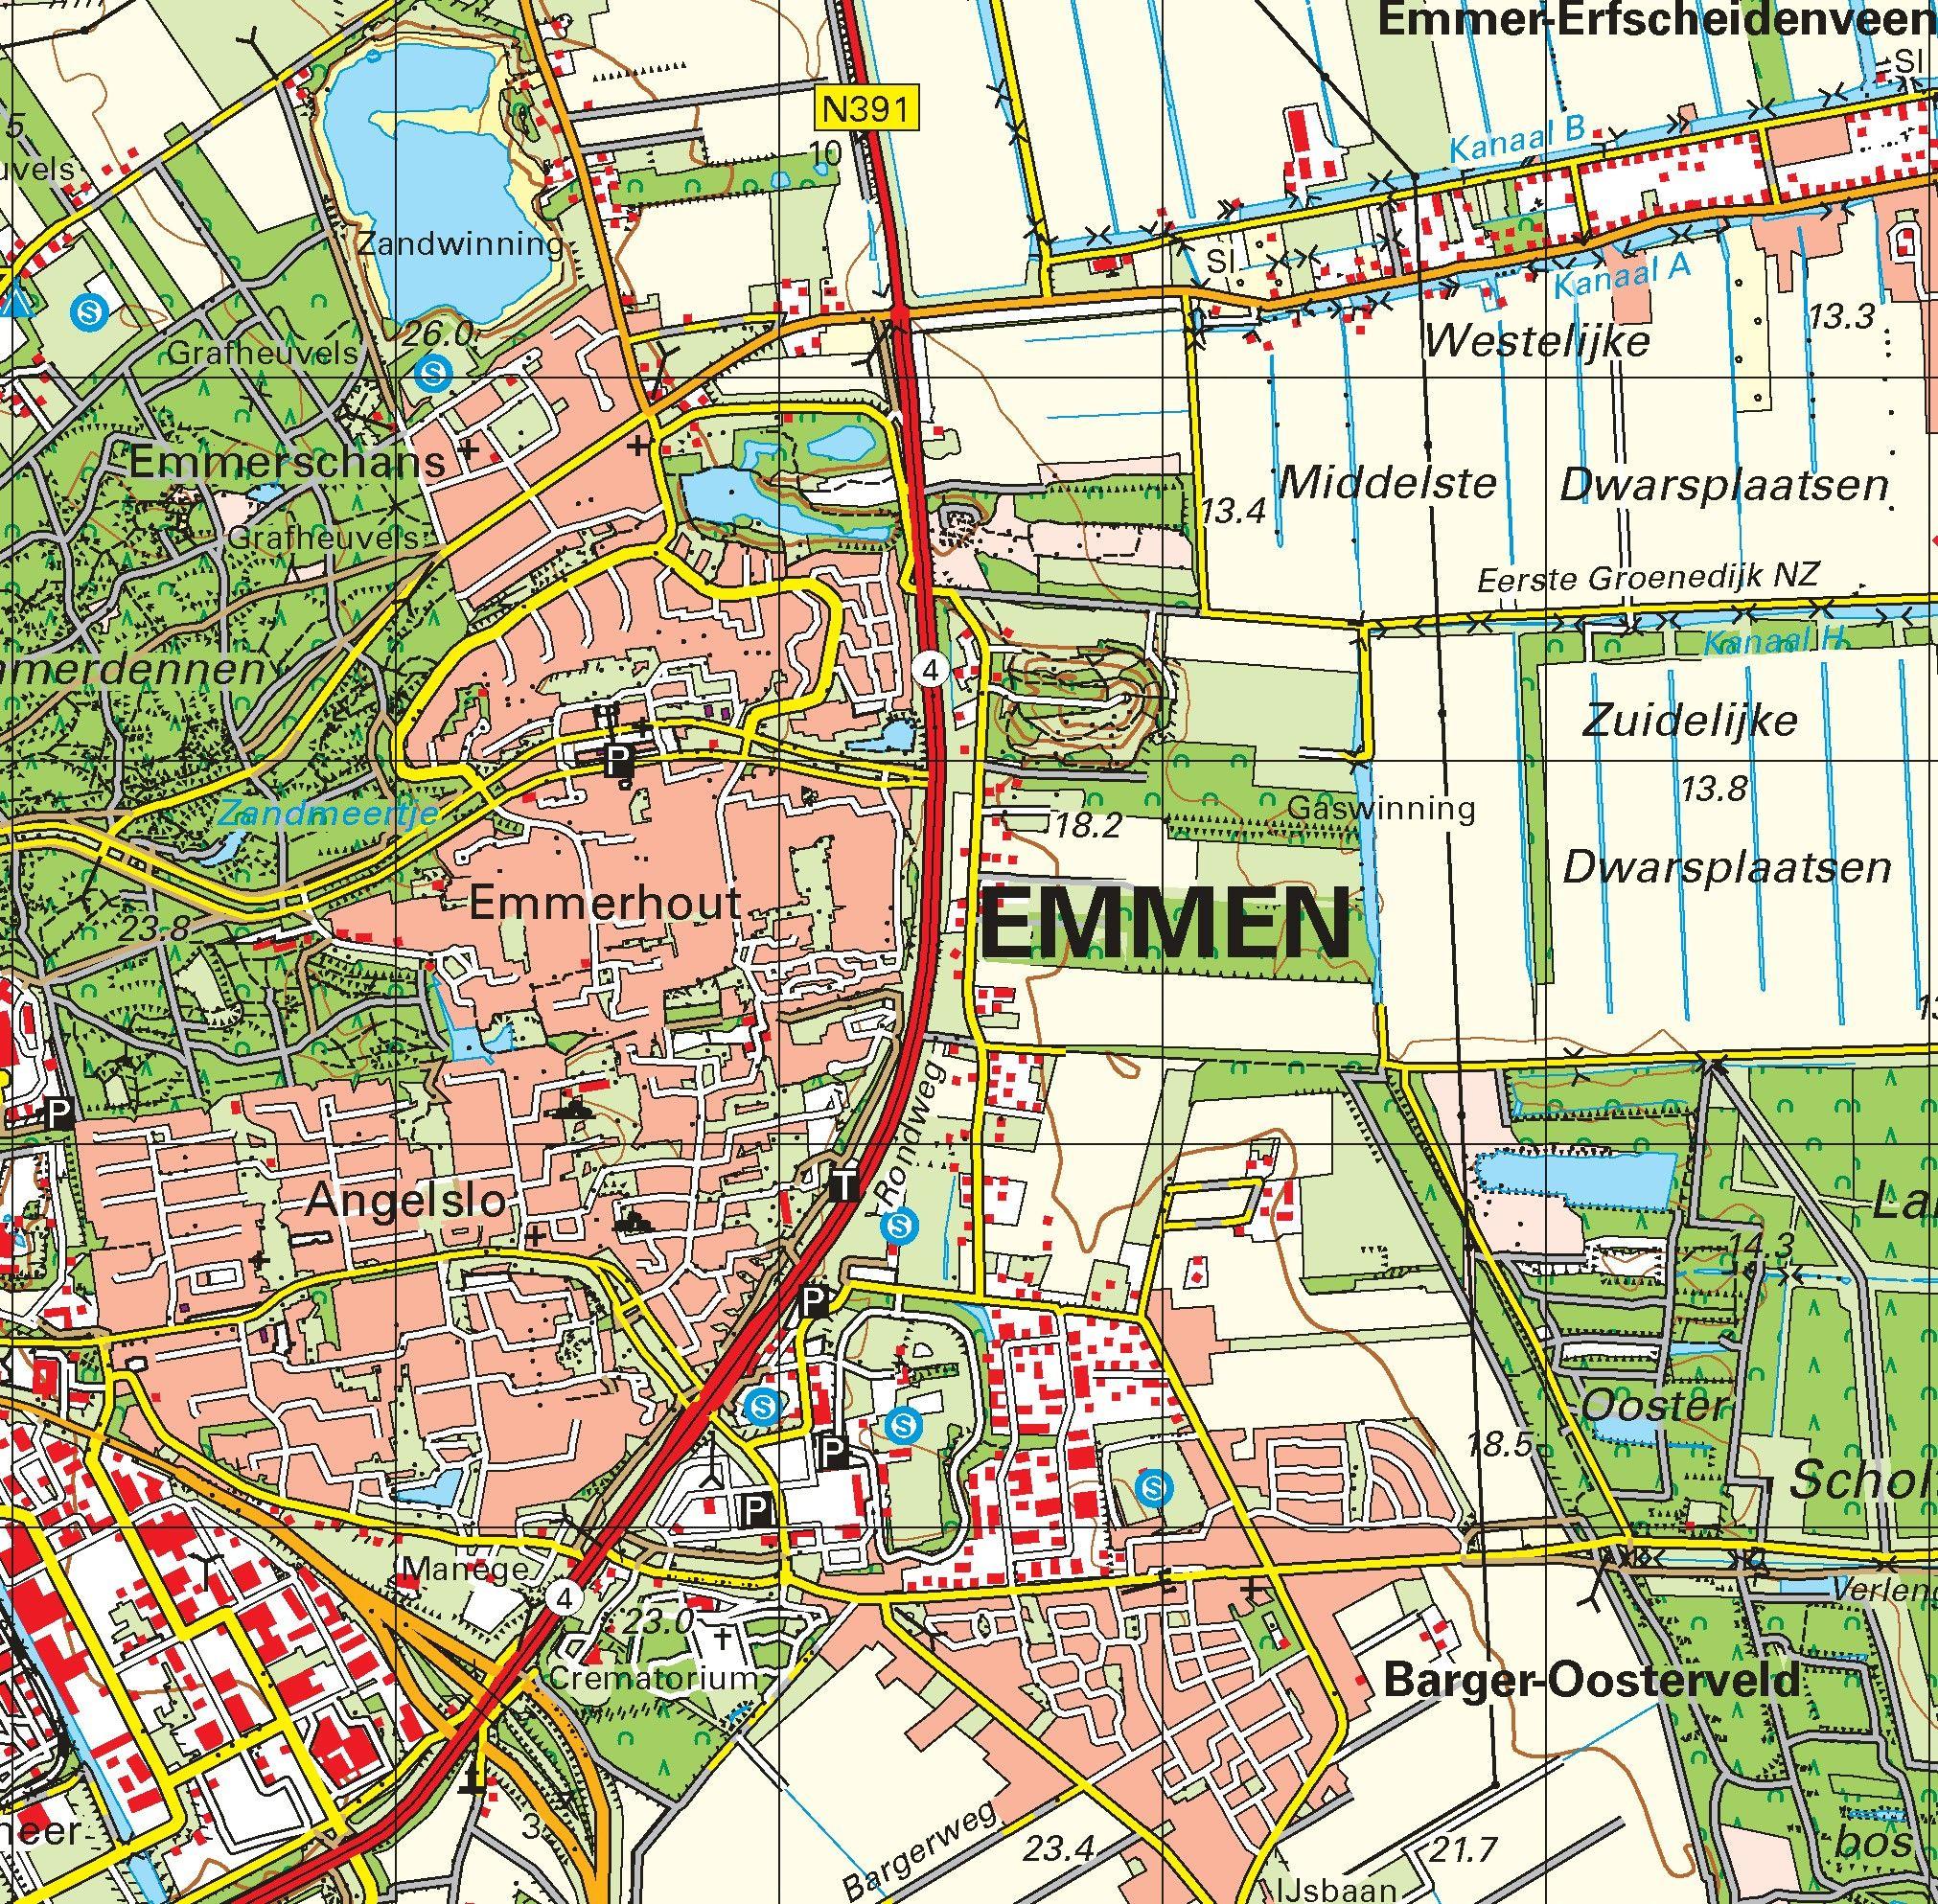 Topografische kaart schaal 1:50.000 (Ter Apel, Emmen, Coevorden, Hardenberg)